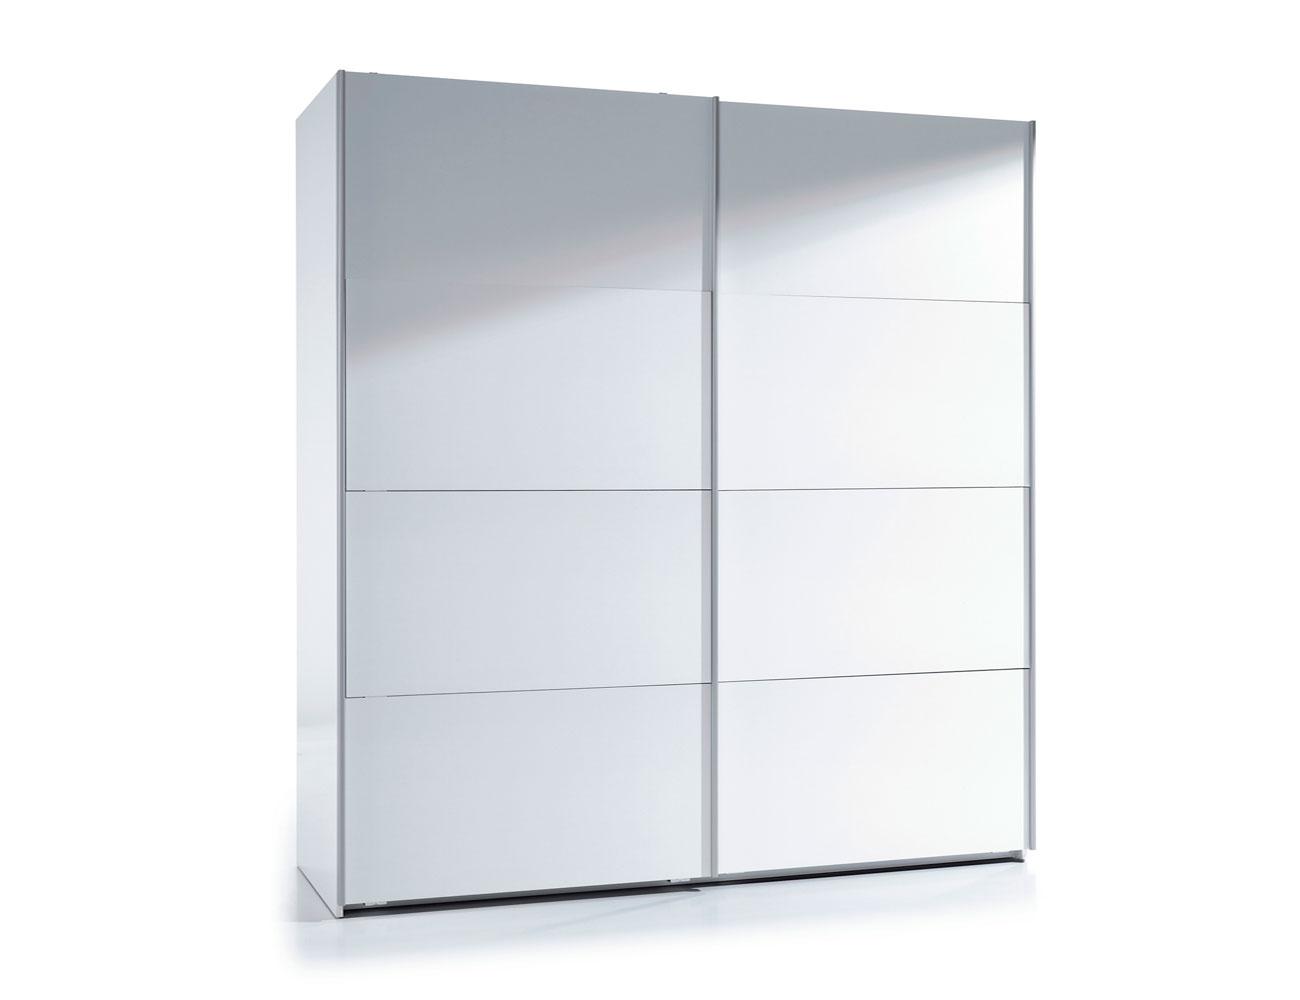 Armarios de 1 metro de ancho perfect armario puertas for Armario puertas correderas wengue